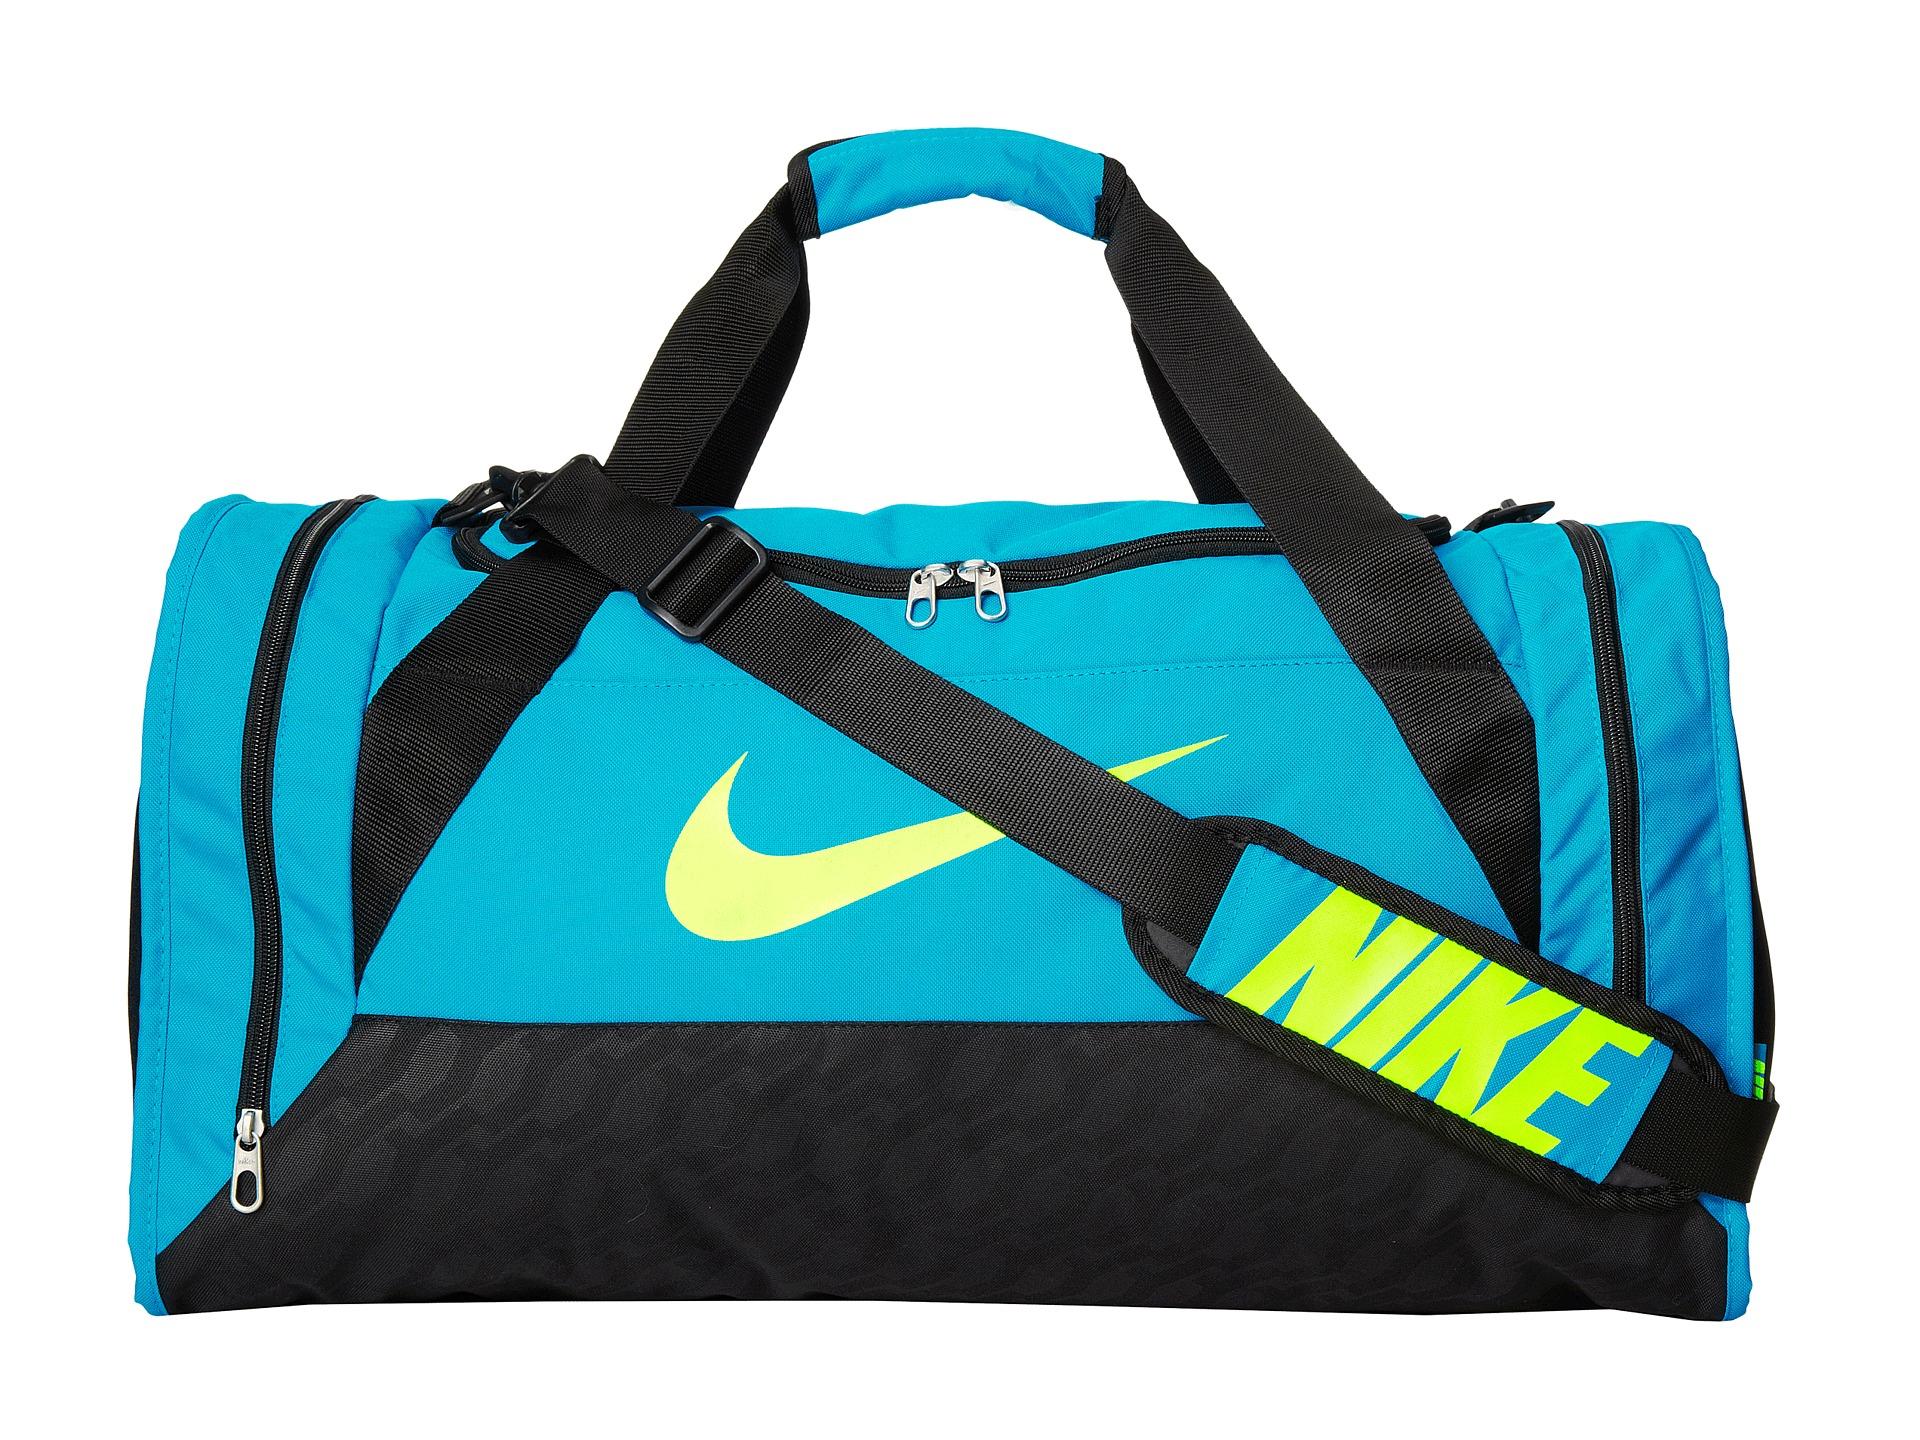 db53c7e47dbc Lyst - Nike Brasilia 6 Medium Duffel in Blue for Men